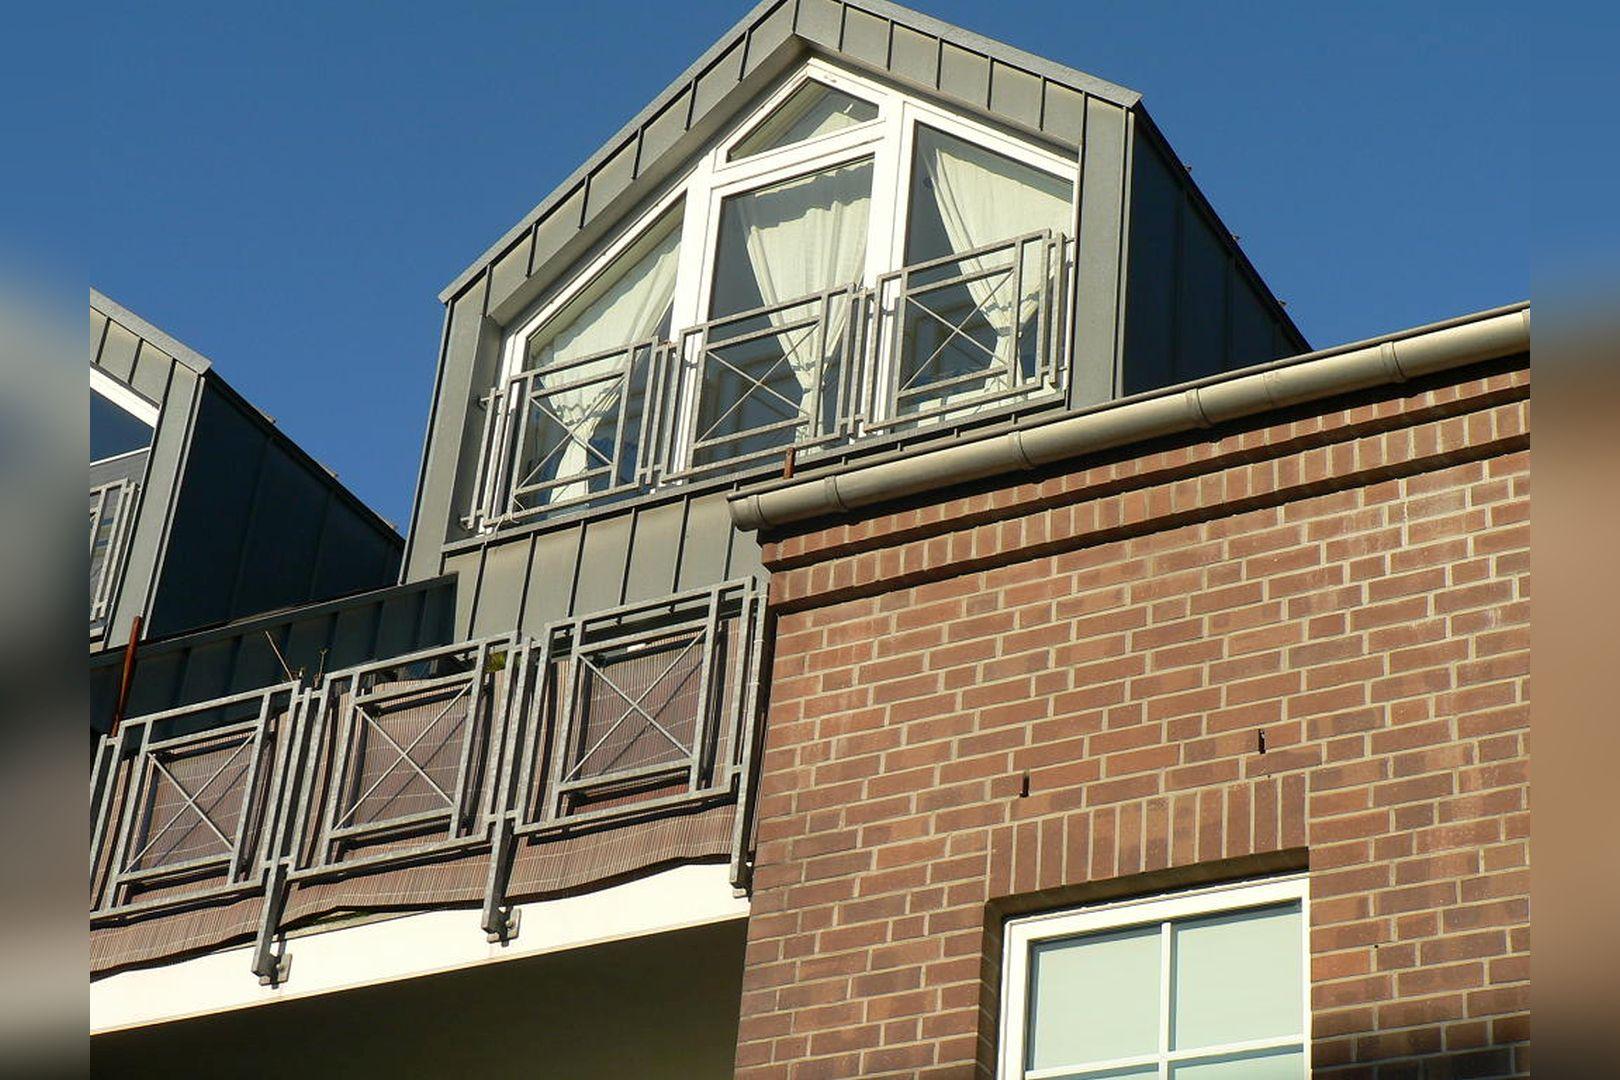 Immobilie Nr.0299 - 3-Zimmer-Wohnung über 2 Ebenen mit Balkon - Bild 2.jpg